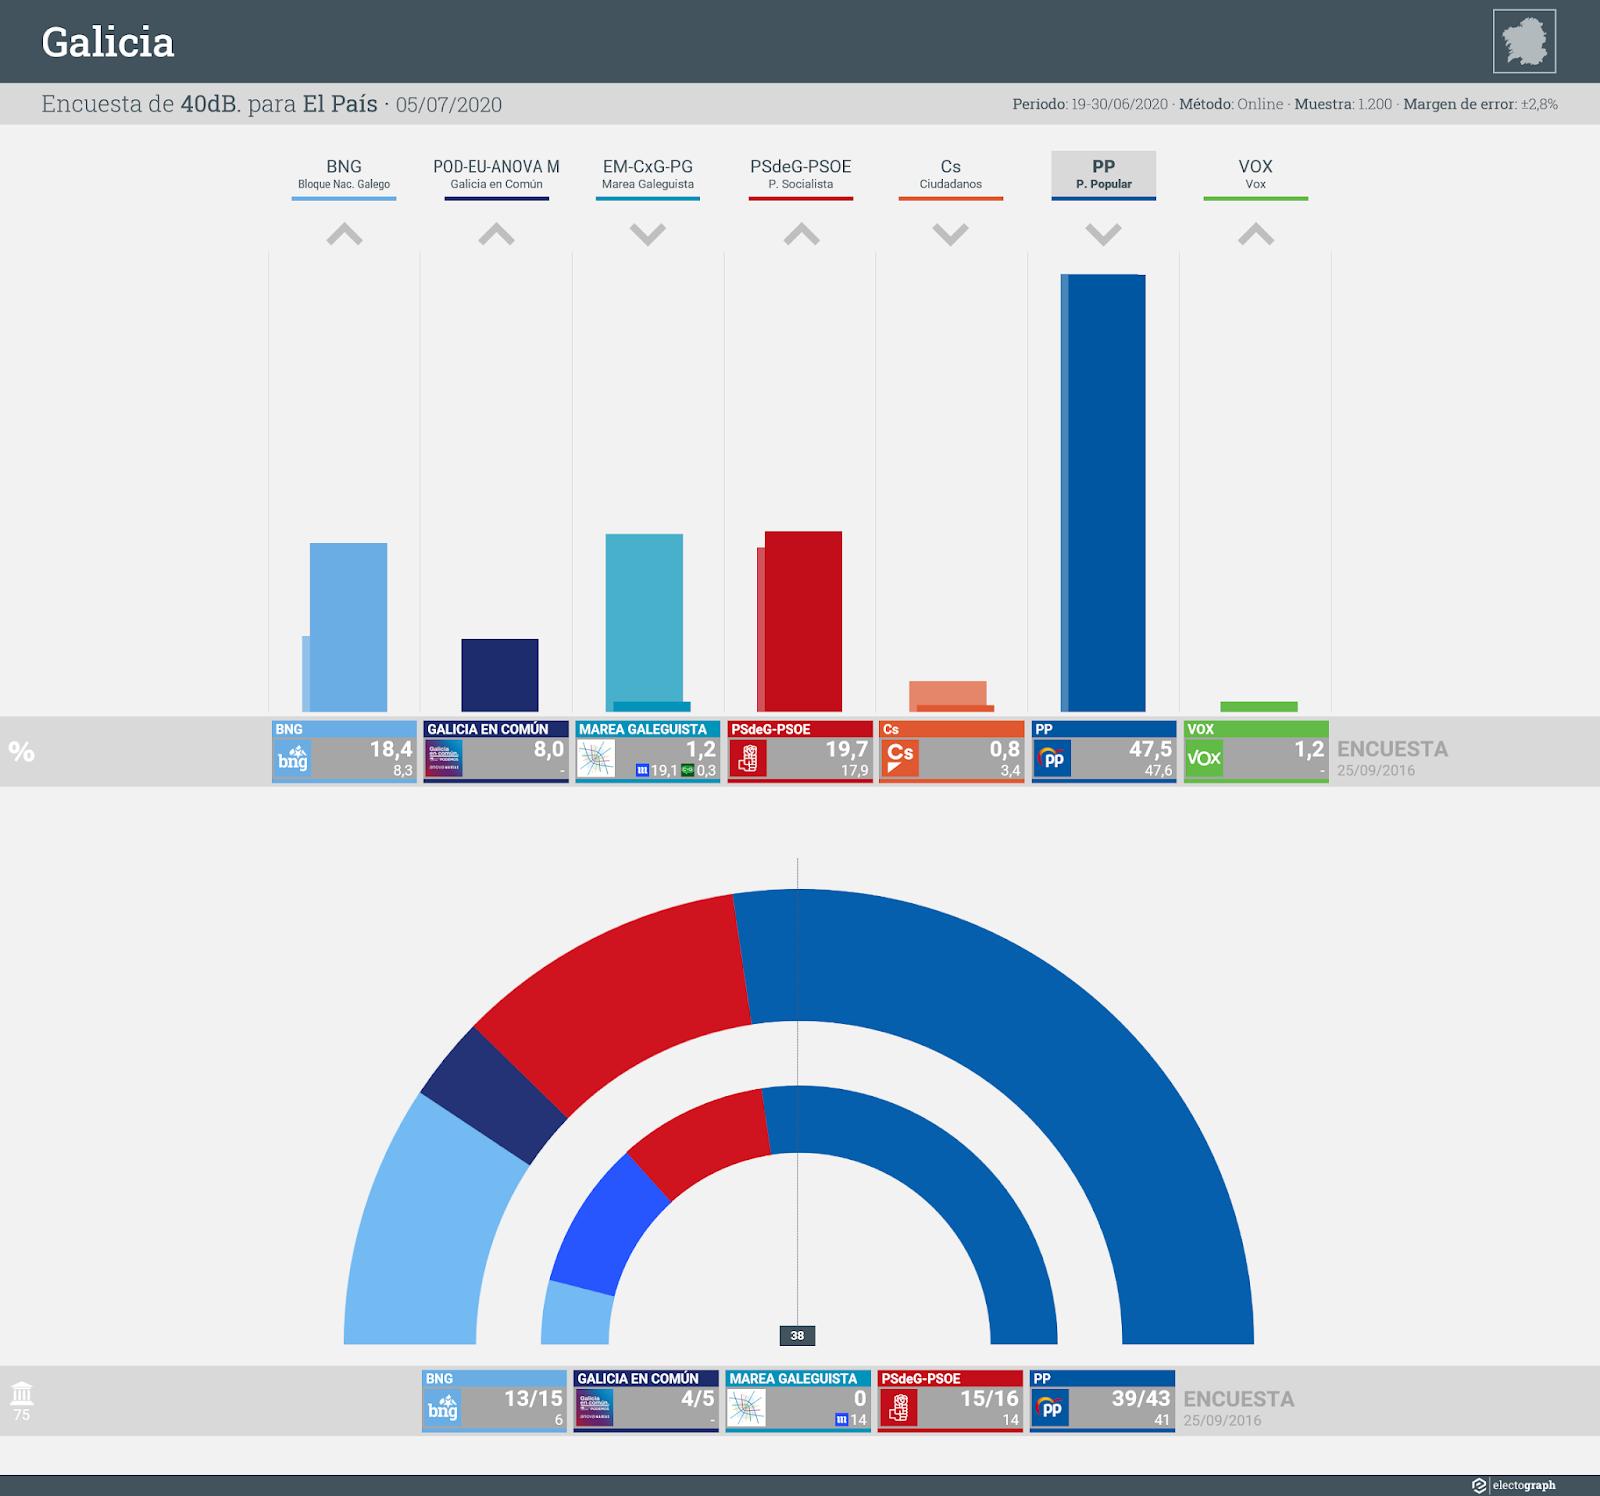 Gráfico de la encuesta para elecciones autonómicas en Galicia realizada por 40dB. para El País, 5 de julio de 2020